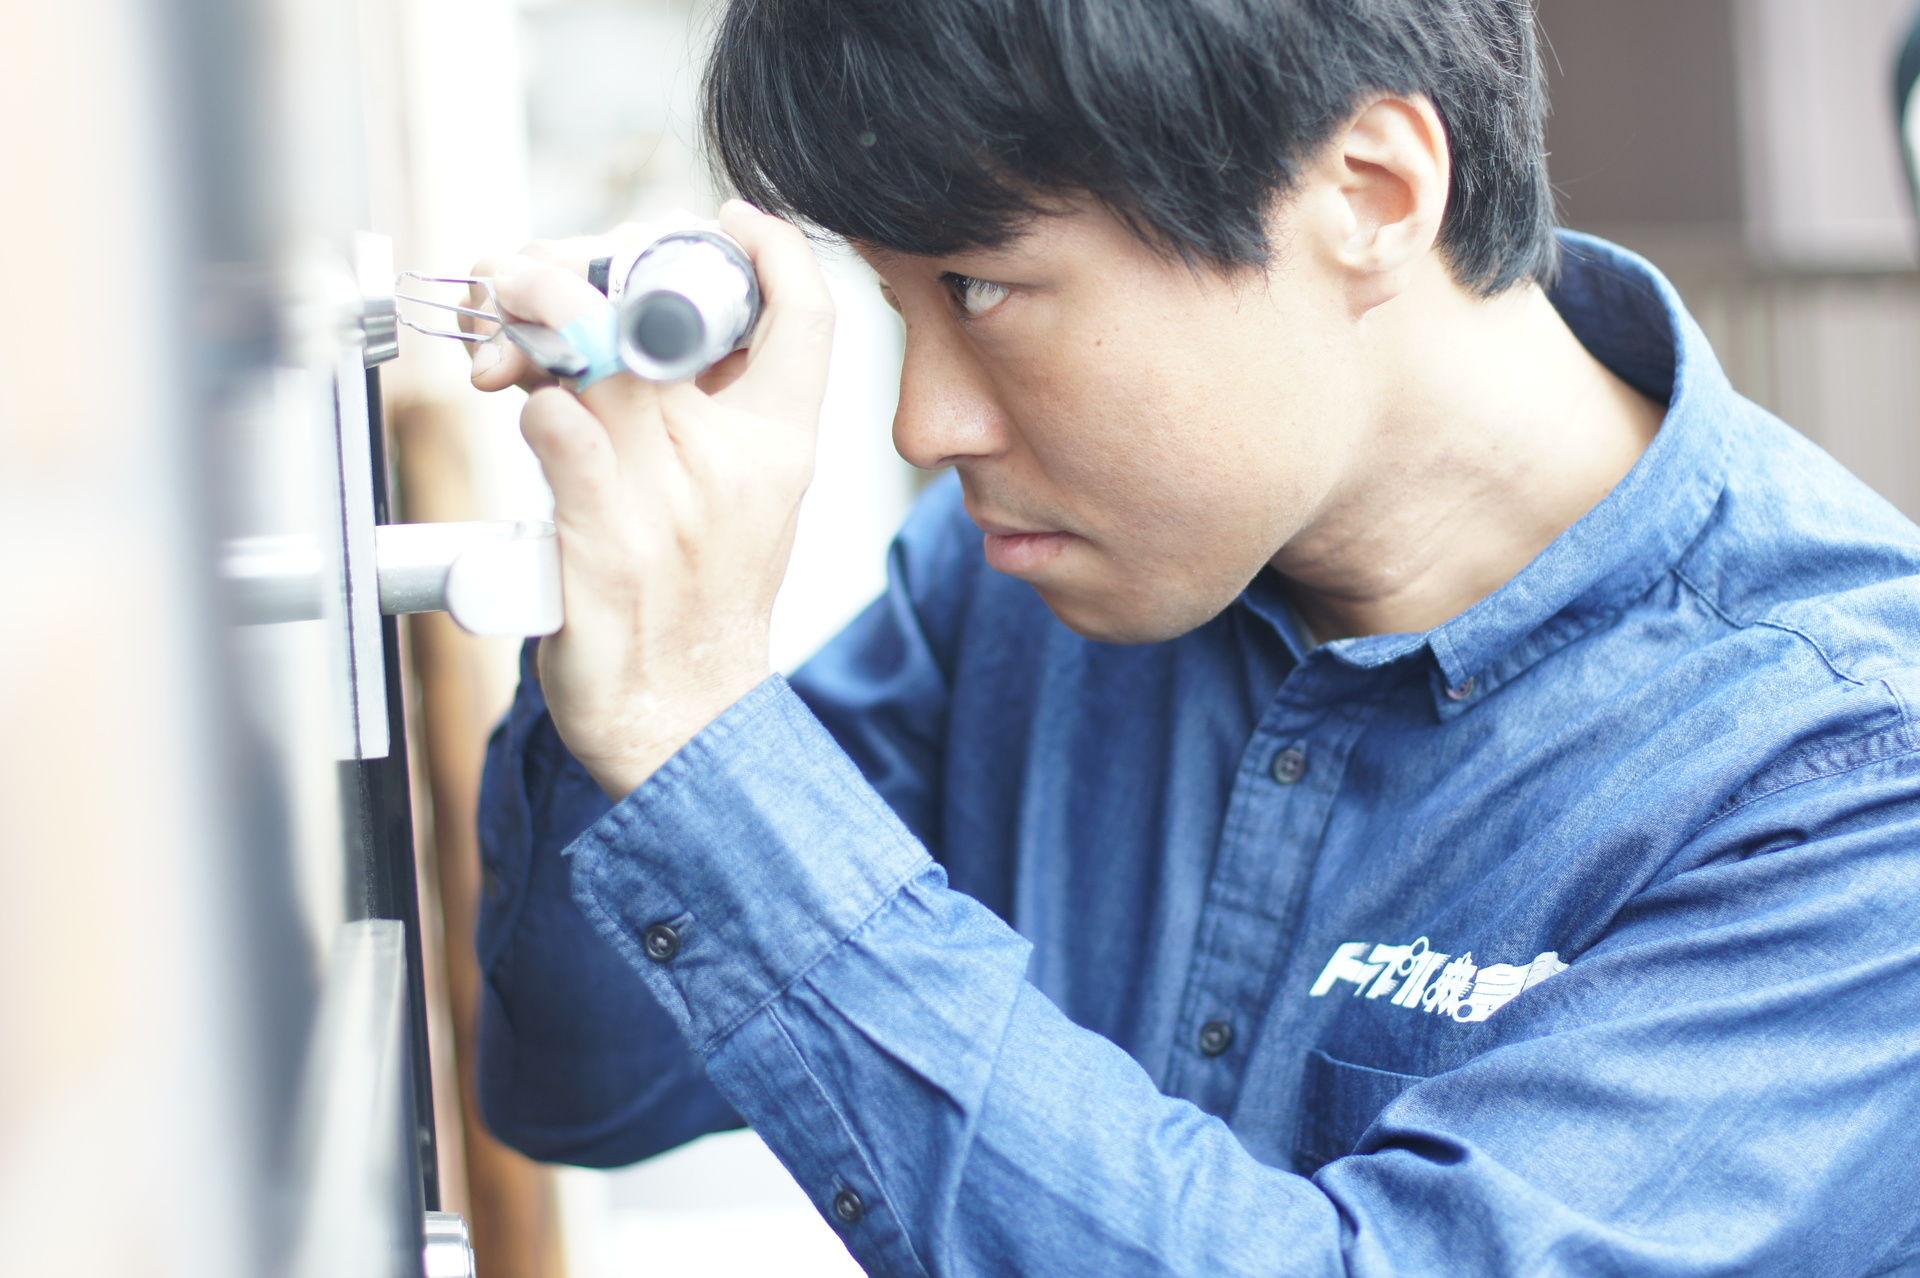 カギのトラブル救Q隊.24【安芸高田市 出張エリア】のメイン画像